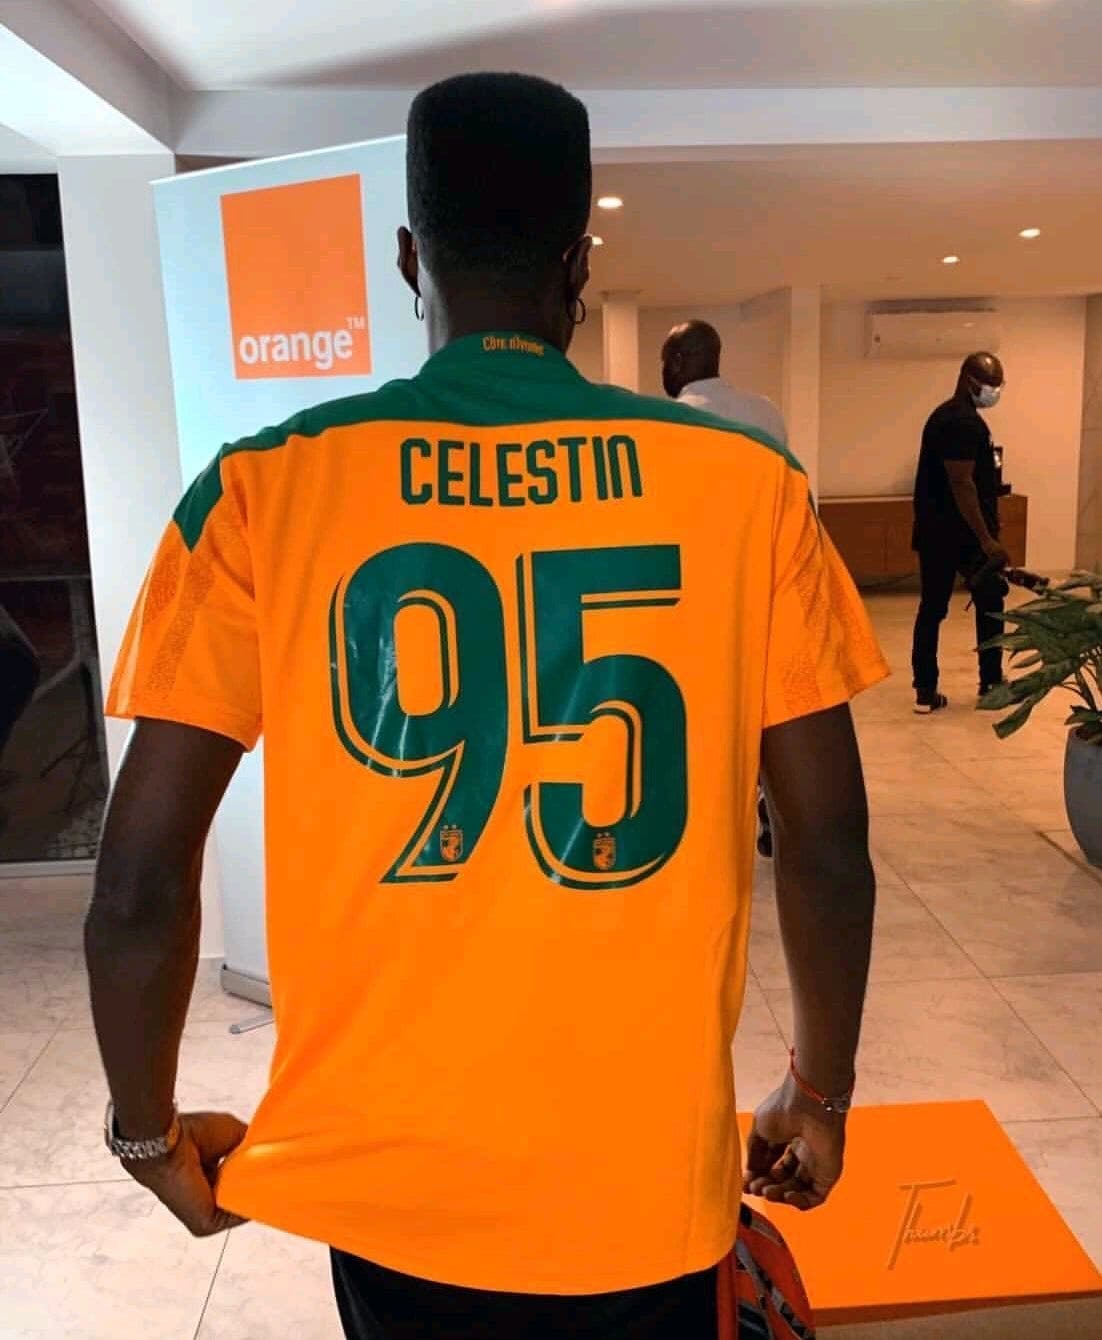 «Célestin», le nouveau nom des syndicalistes de Suspect 95